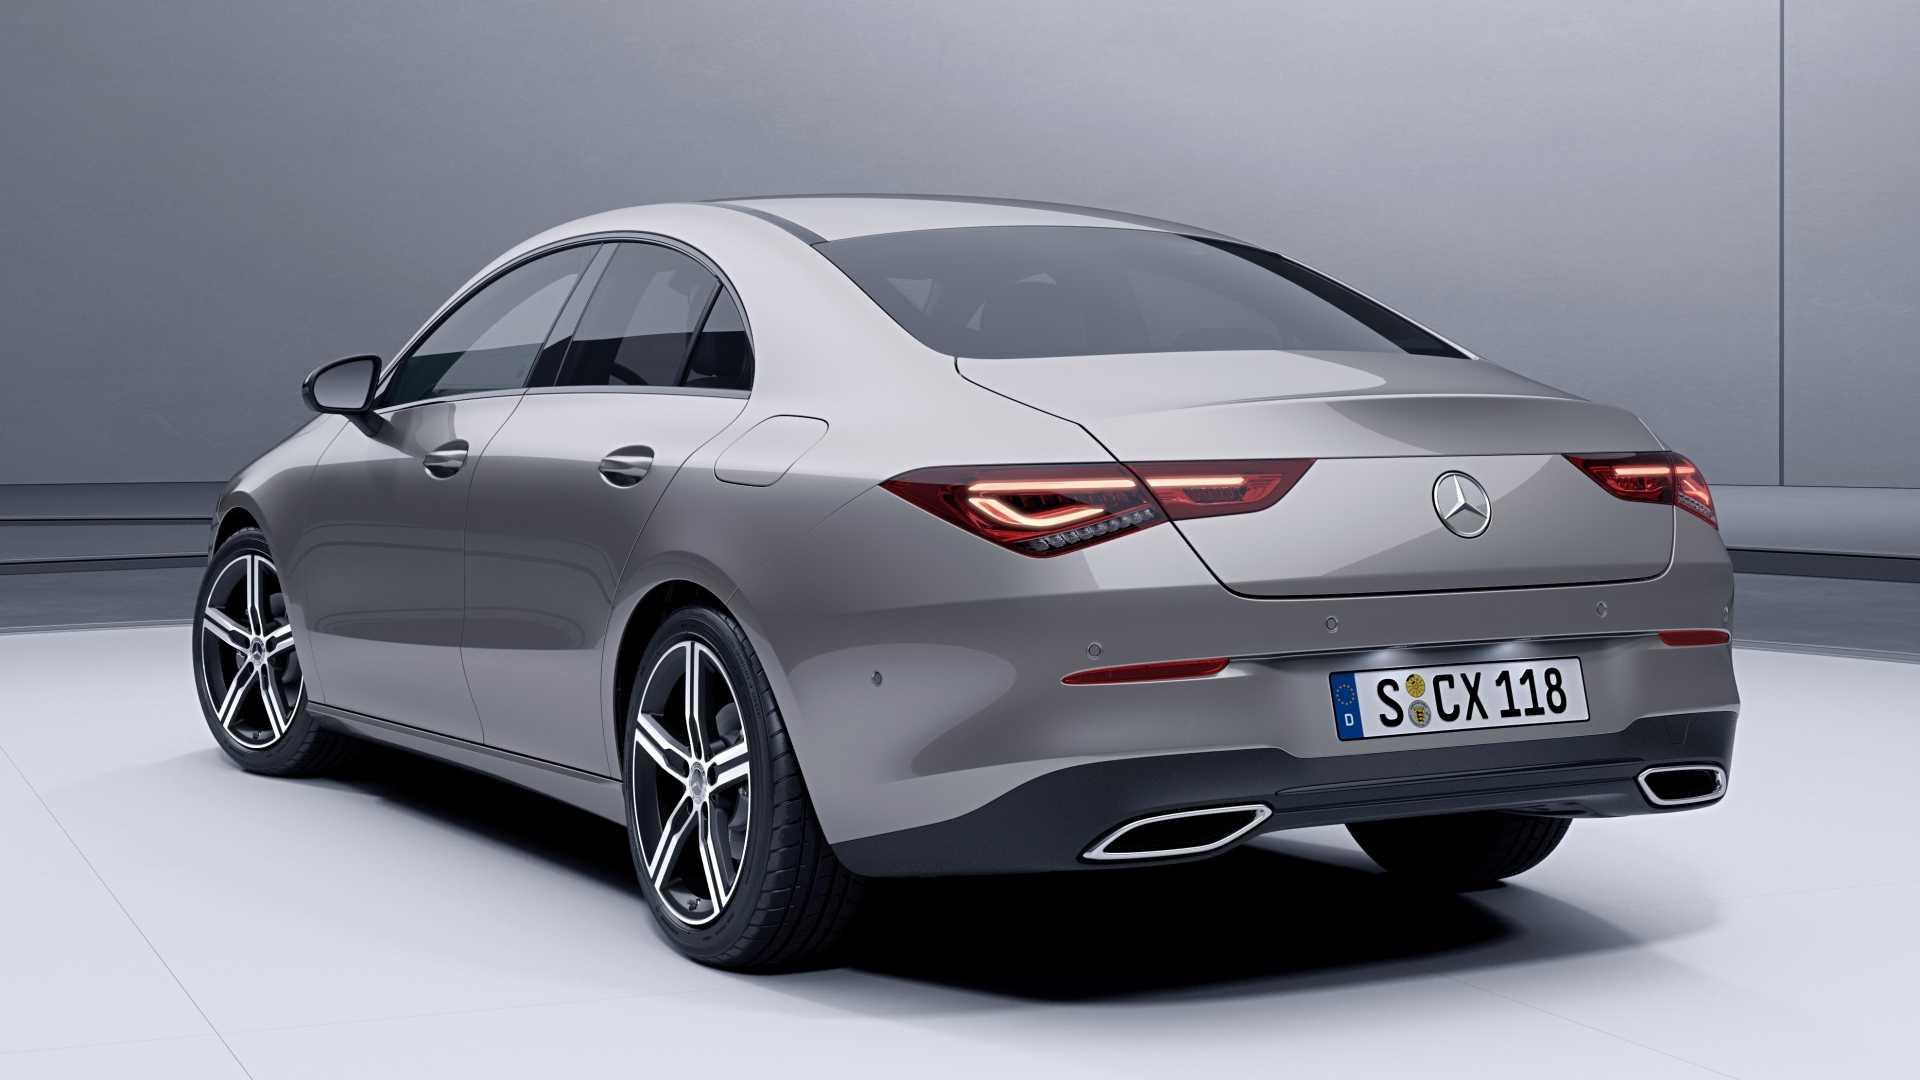 Prestes a chegar na Newsedan, Mercedes-Benz CLA 250 é pura sedução